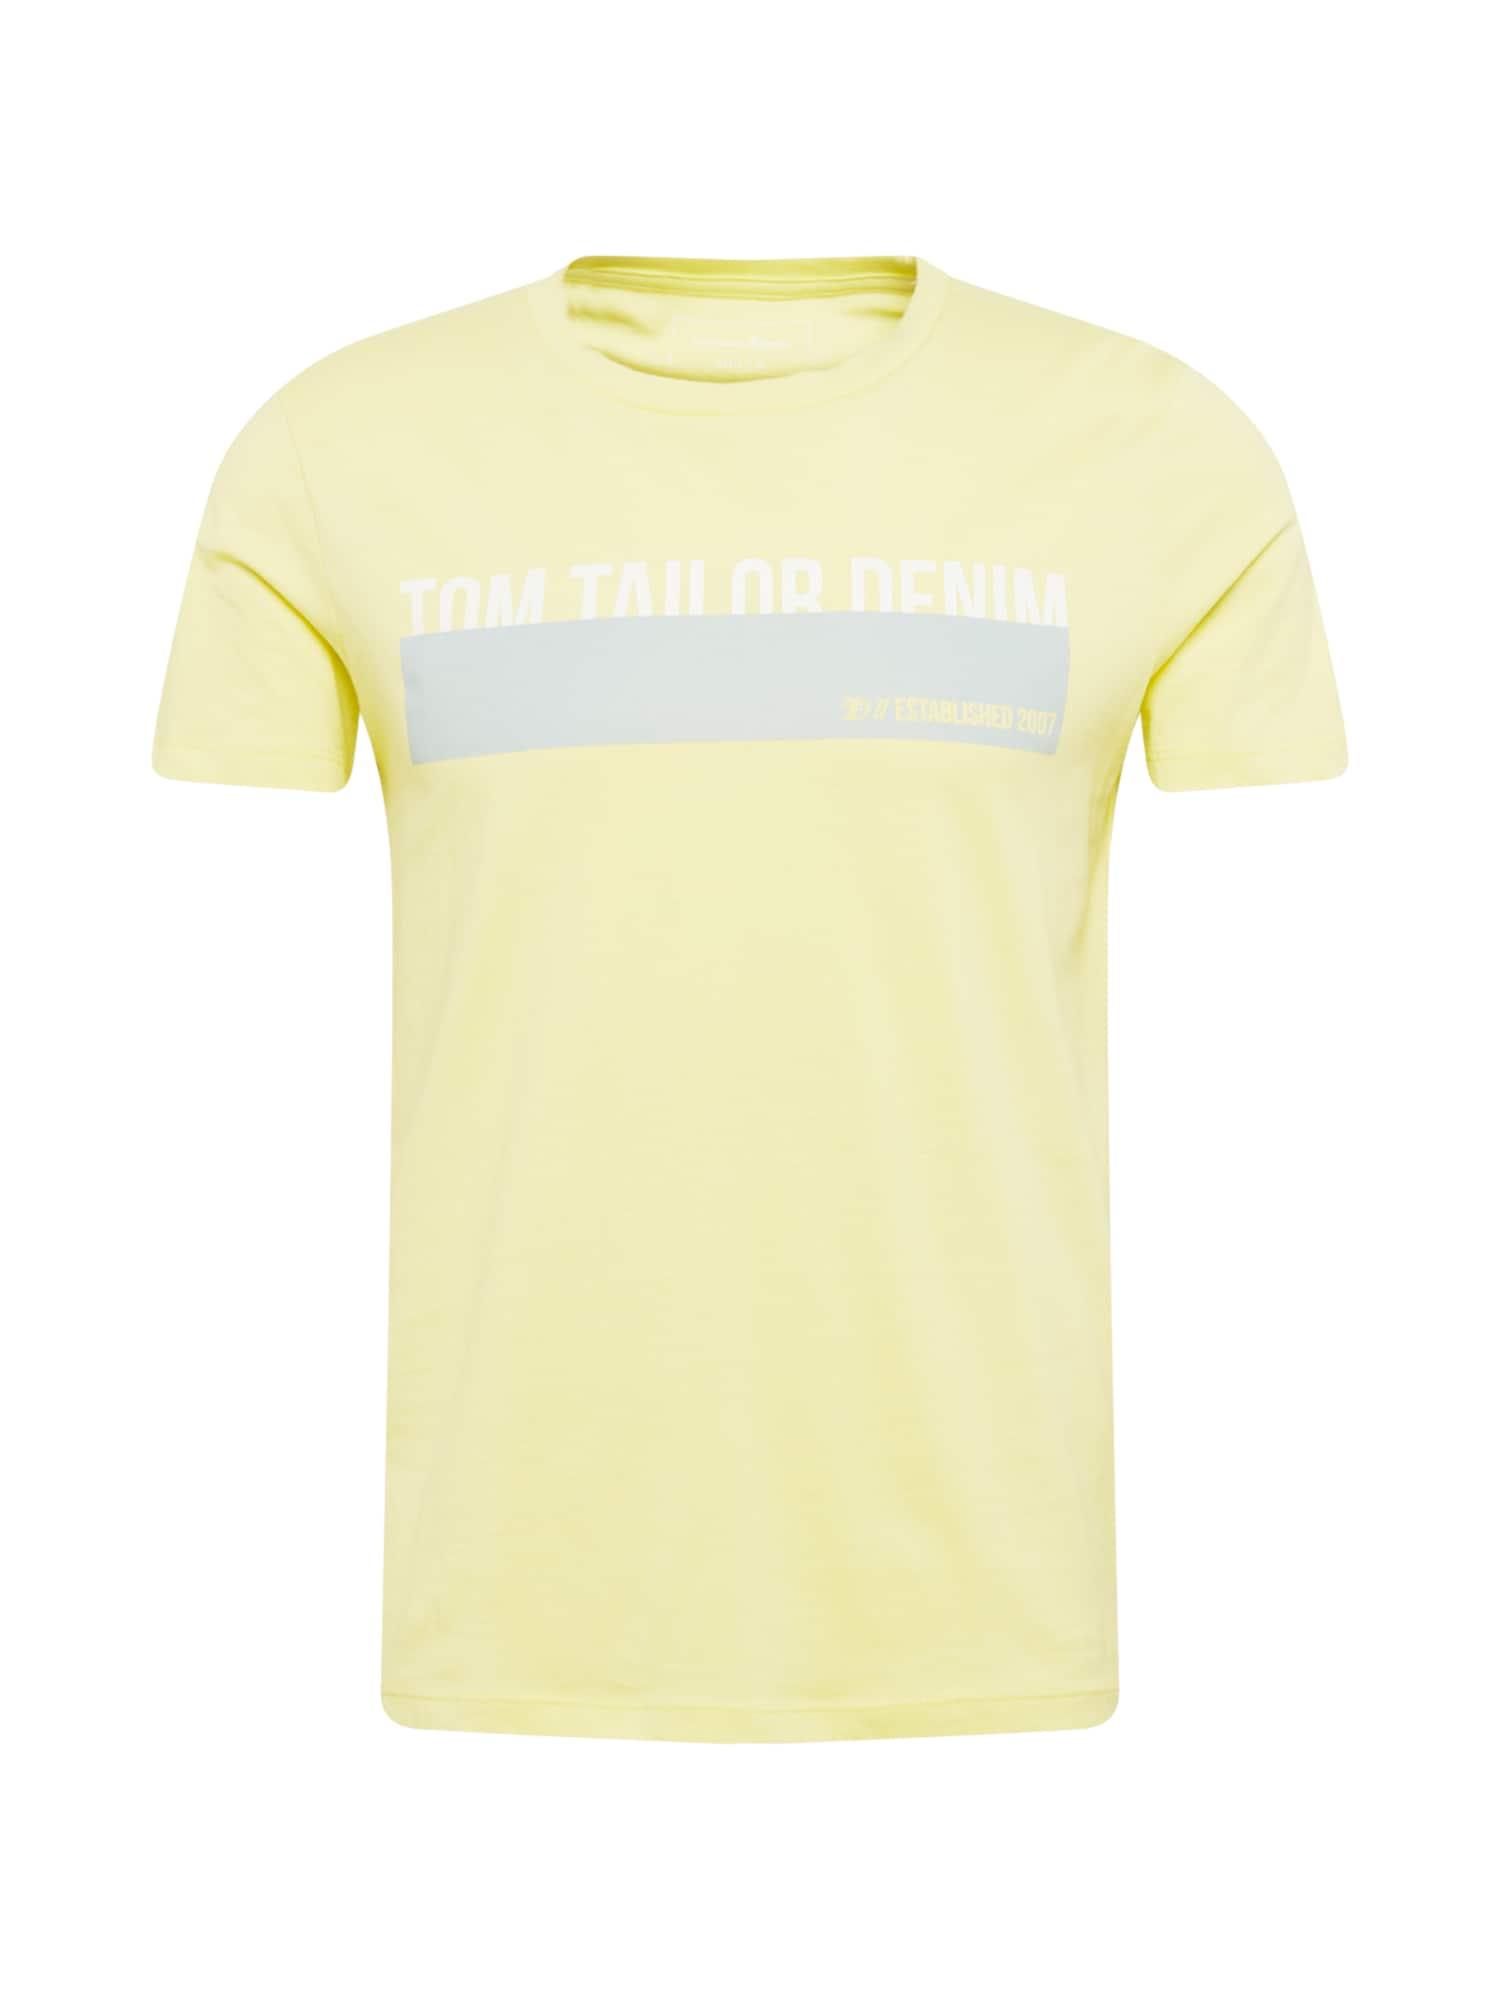 TOM TAILOR DENIM Tričko  světle žlutá / bílá / světlemodrá